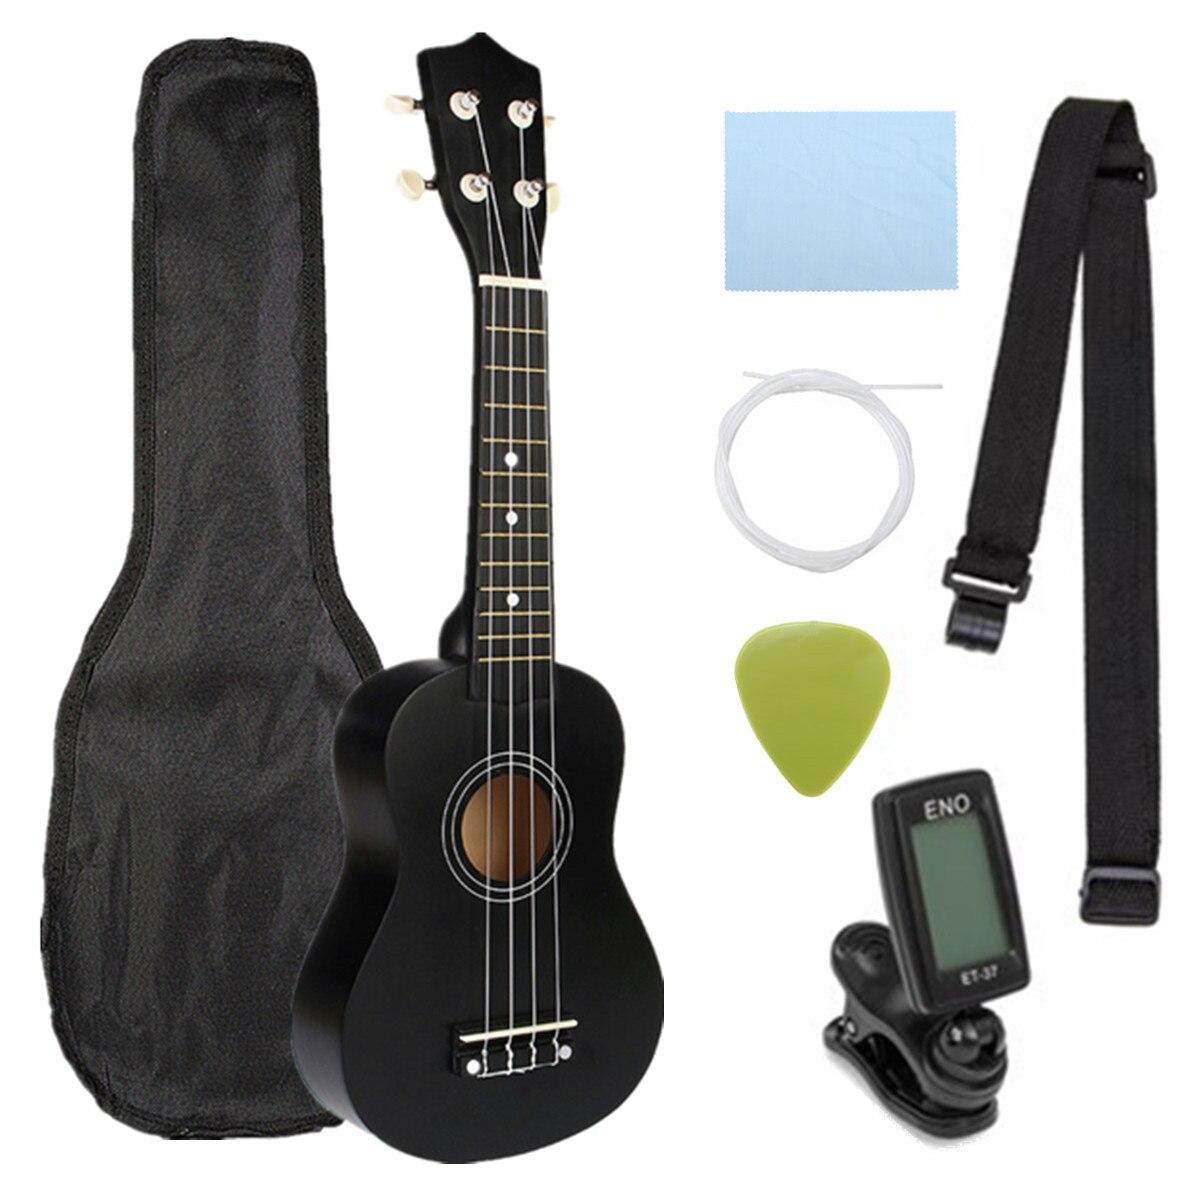 Zèbre 21 pouces Ukelele Soprano 4 cordes hawaïen épicéa tilleul guitare ensemble d'instruments de musique Kits + accordeur + ficelle + sangle + sac